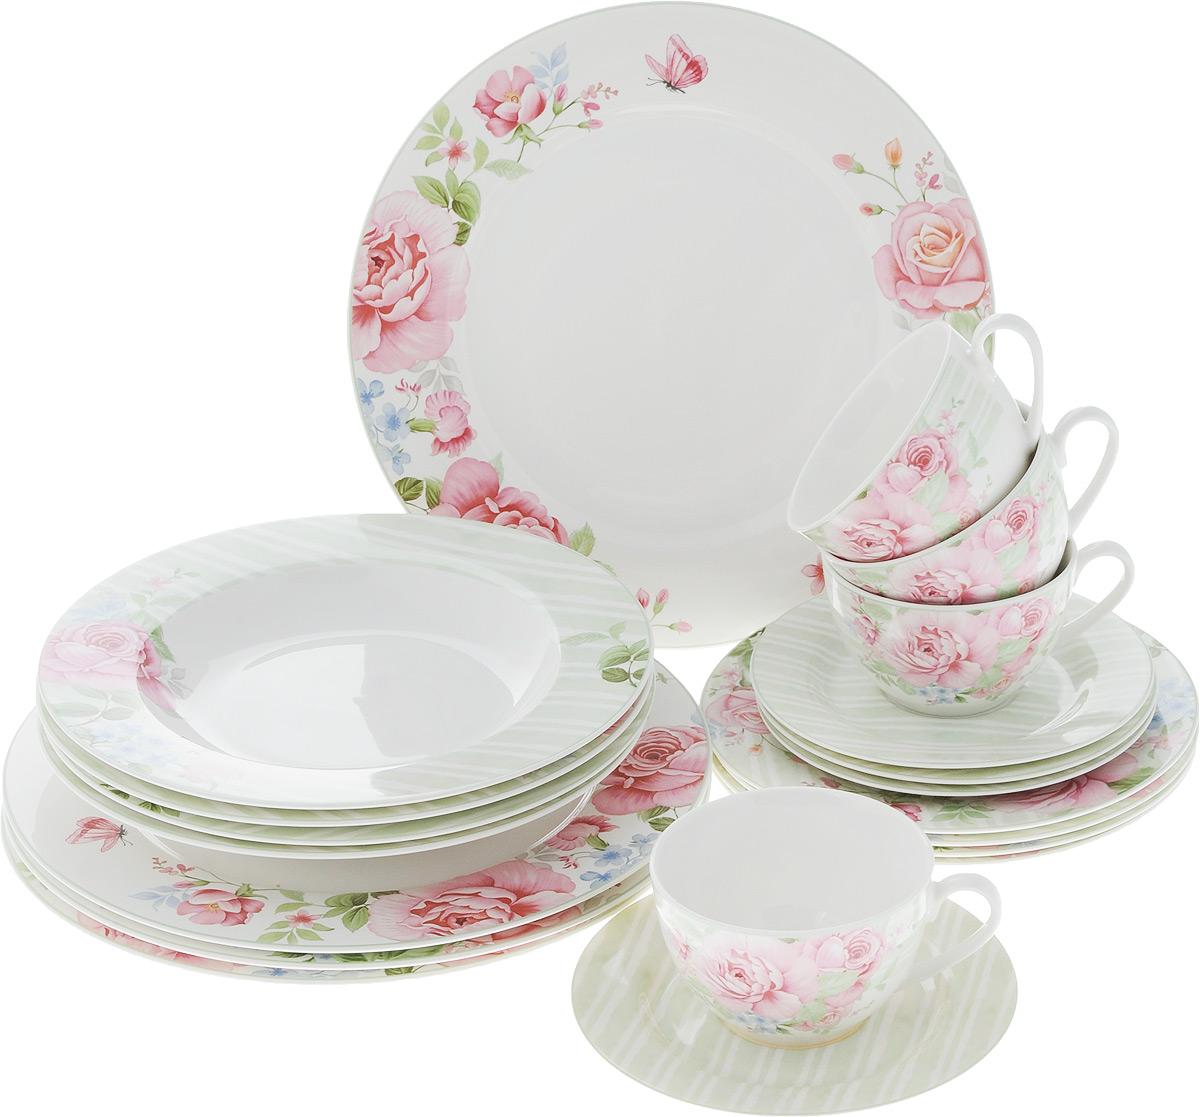 """Набор столовой посуды """"Нежные цветы"""", 20 предметов. 16-089, Wayone Porcelain"""